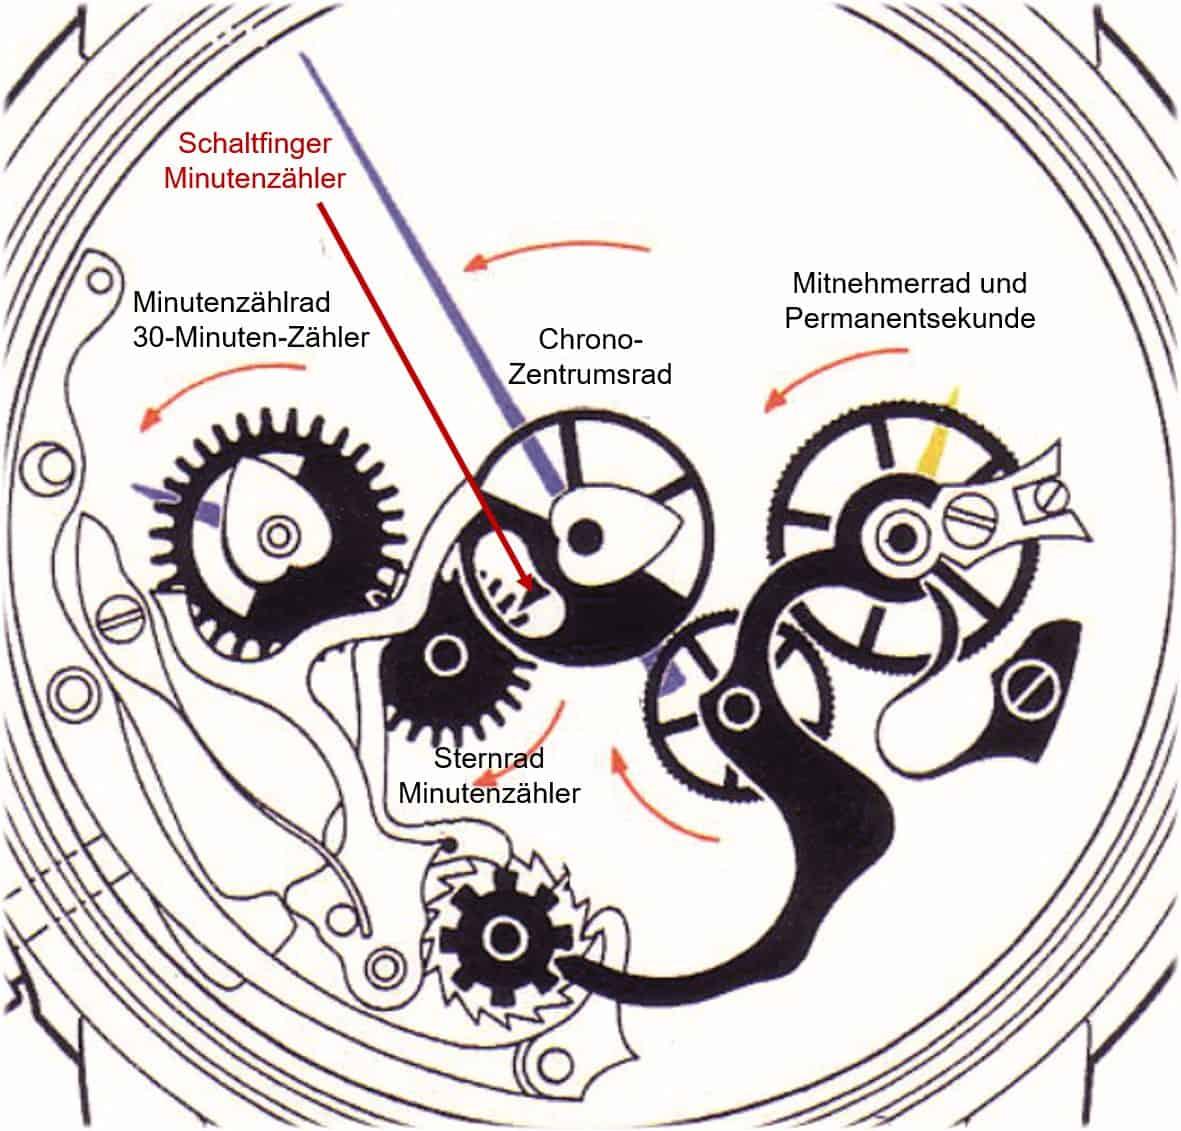 Chronograph mit 30 Minuten Zaehler Funktionsschema Uhrenkosmos